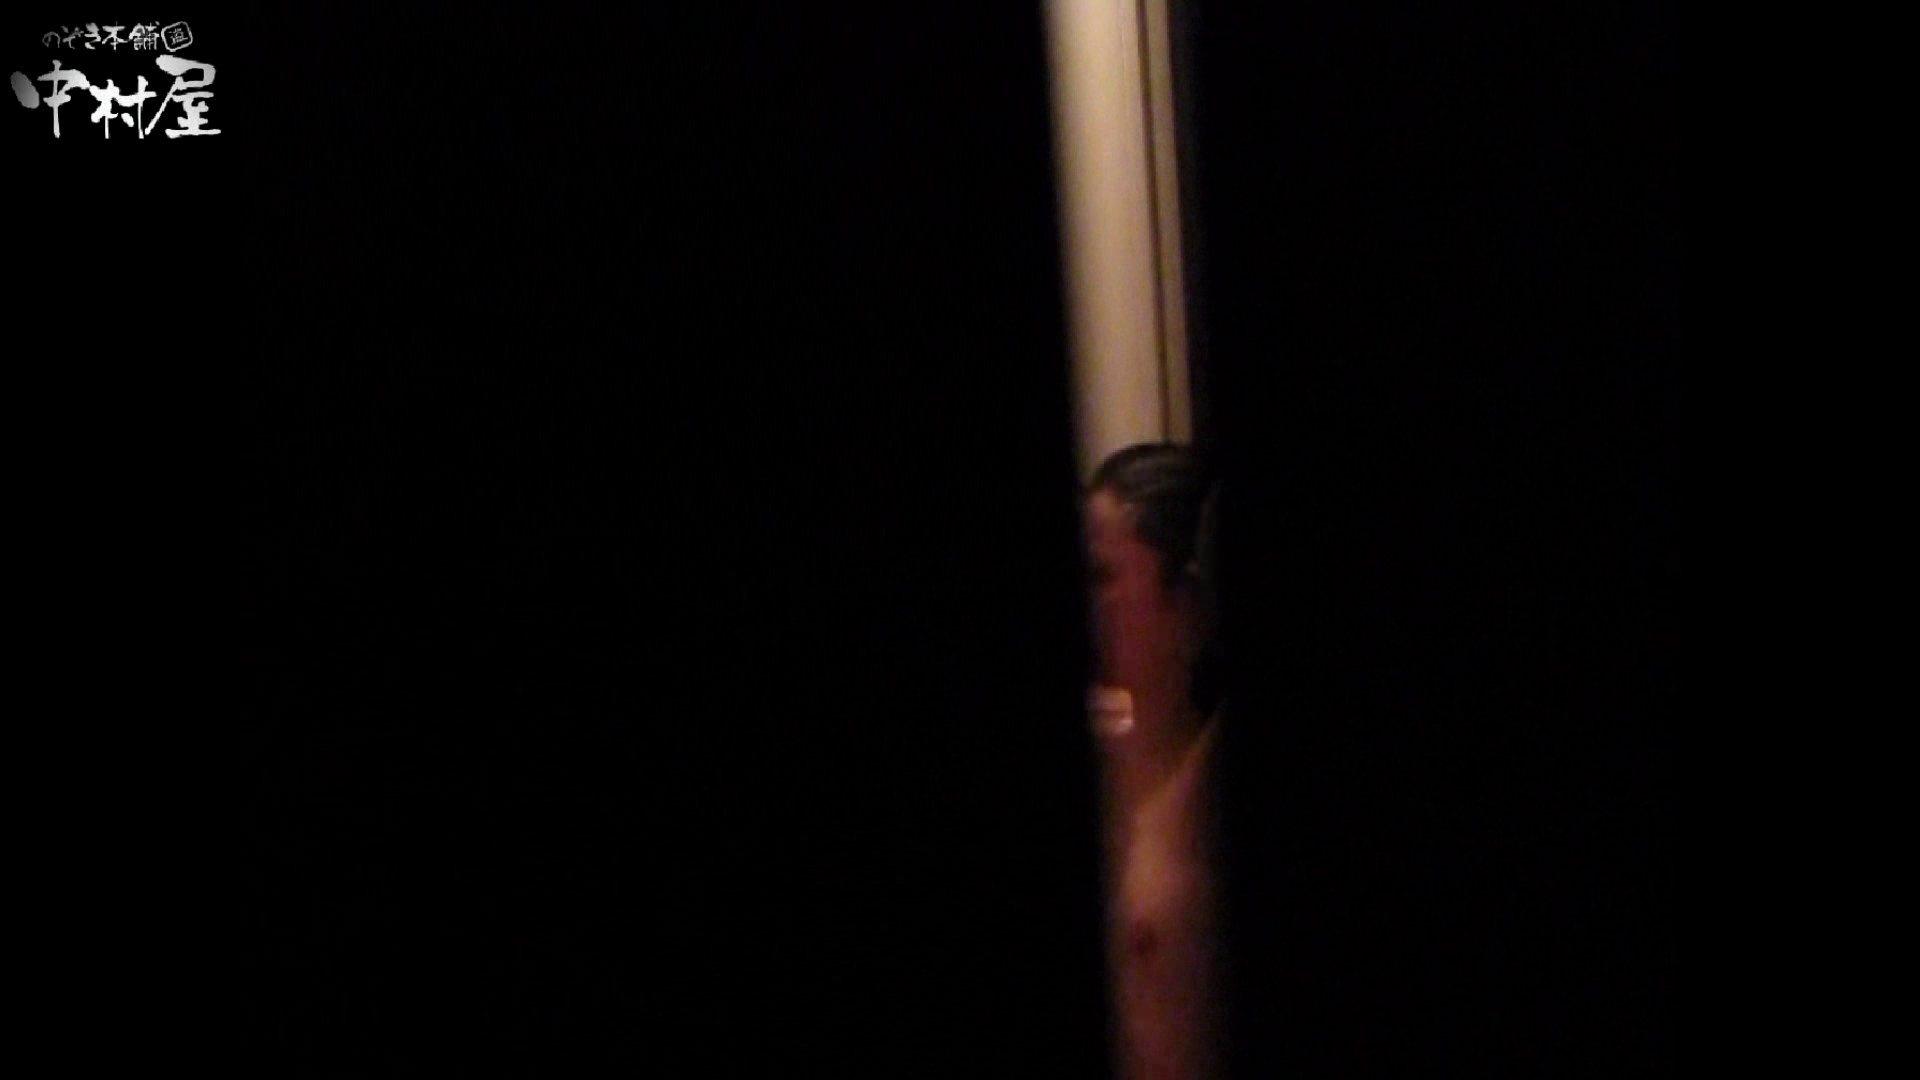 民家風呂専門盗撮師の超危険映像 vol.004 民家   美少女ヌード  80pic 23